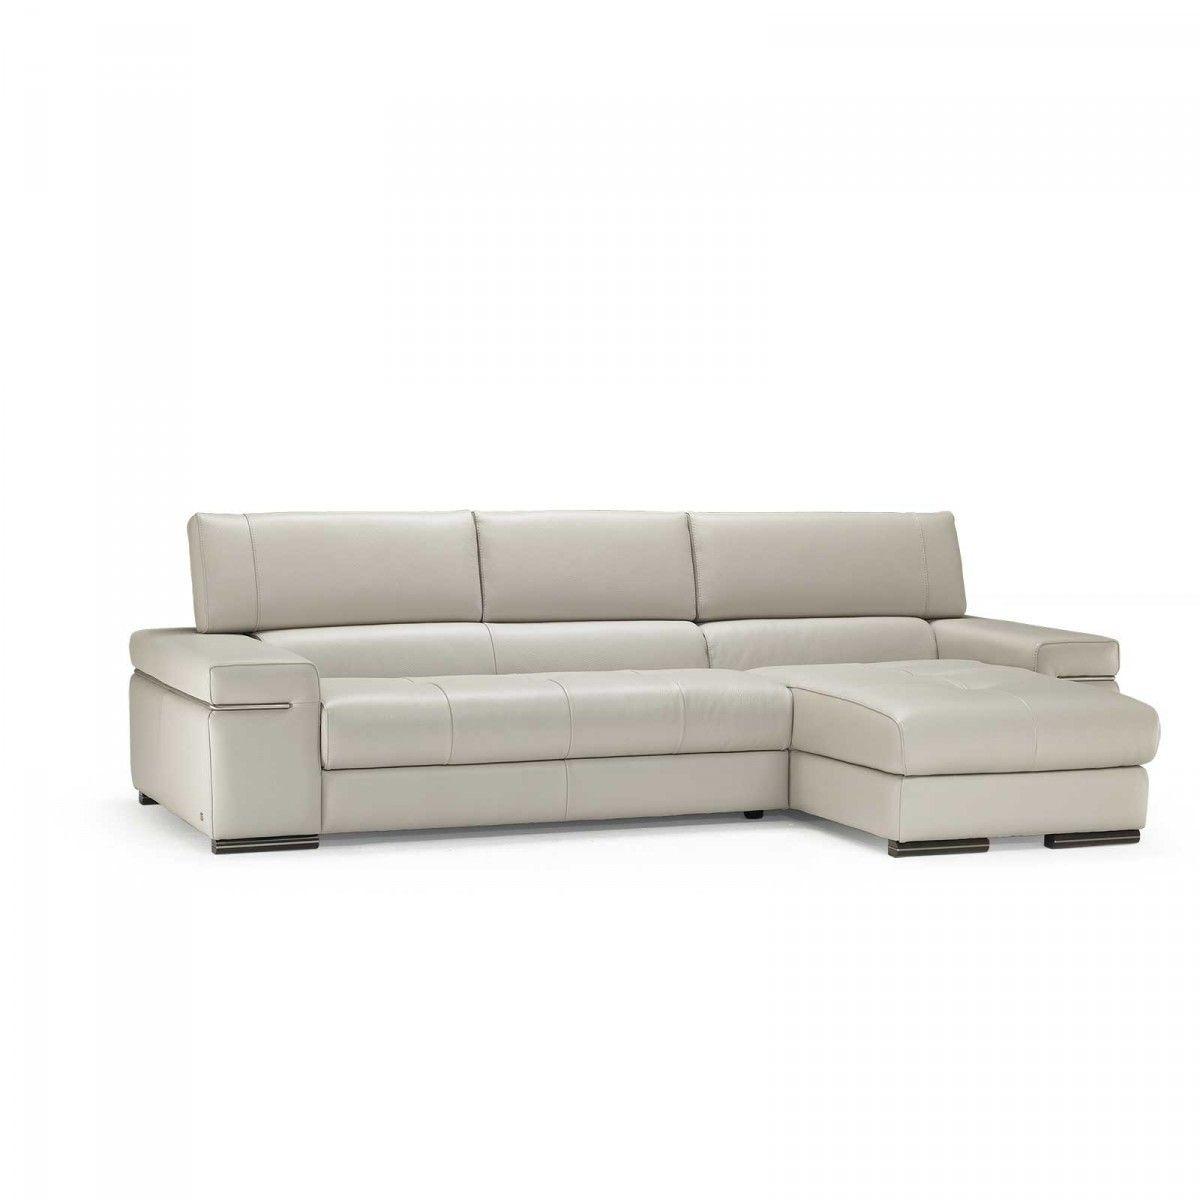 Italian Modern Furniture From